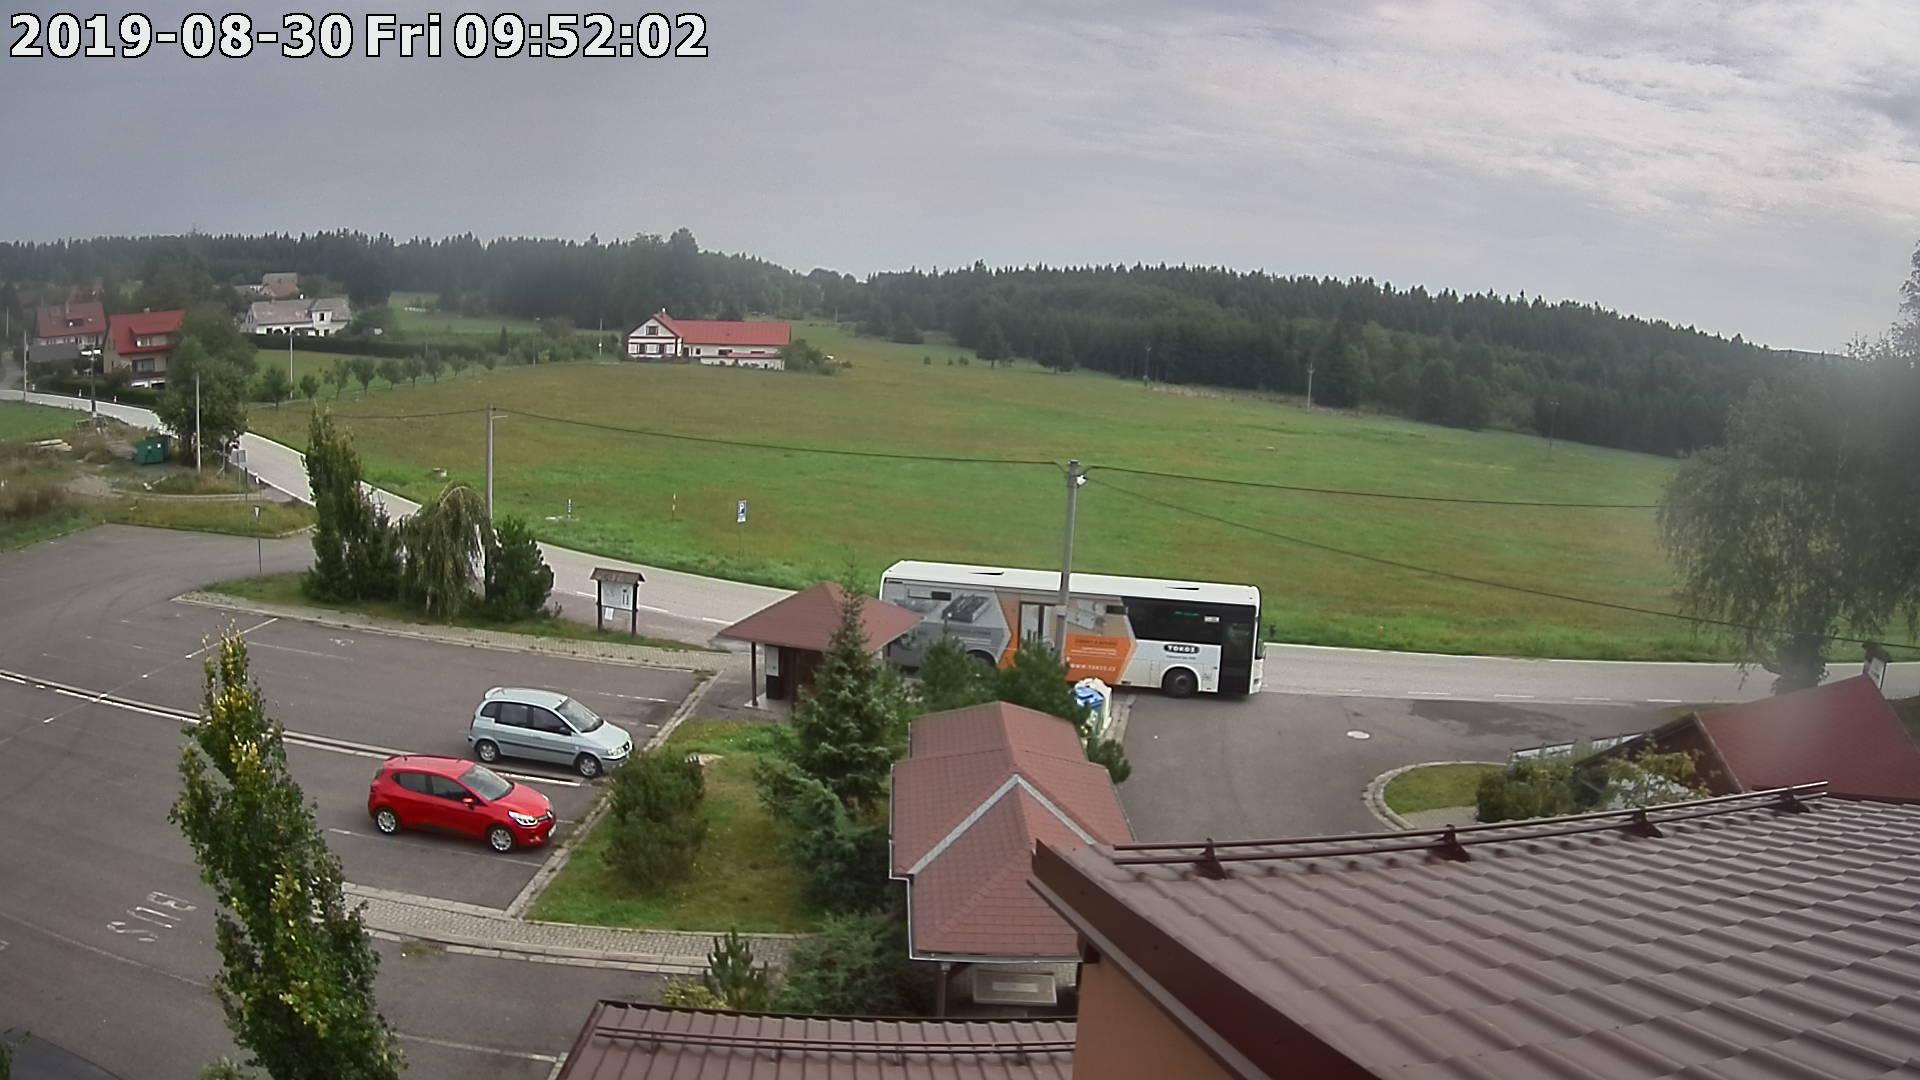 Webkamera ze dne 2019-08-30